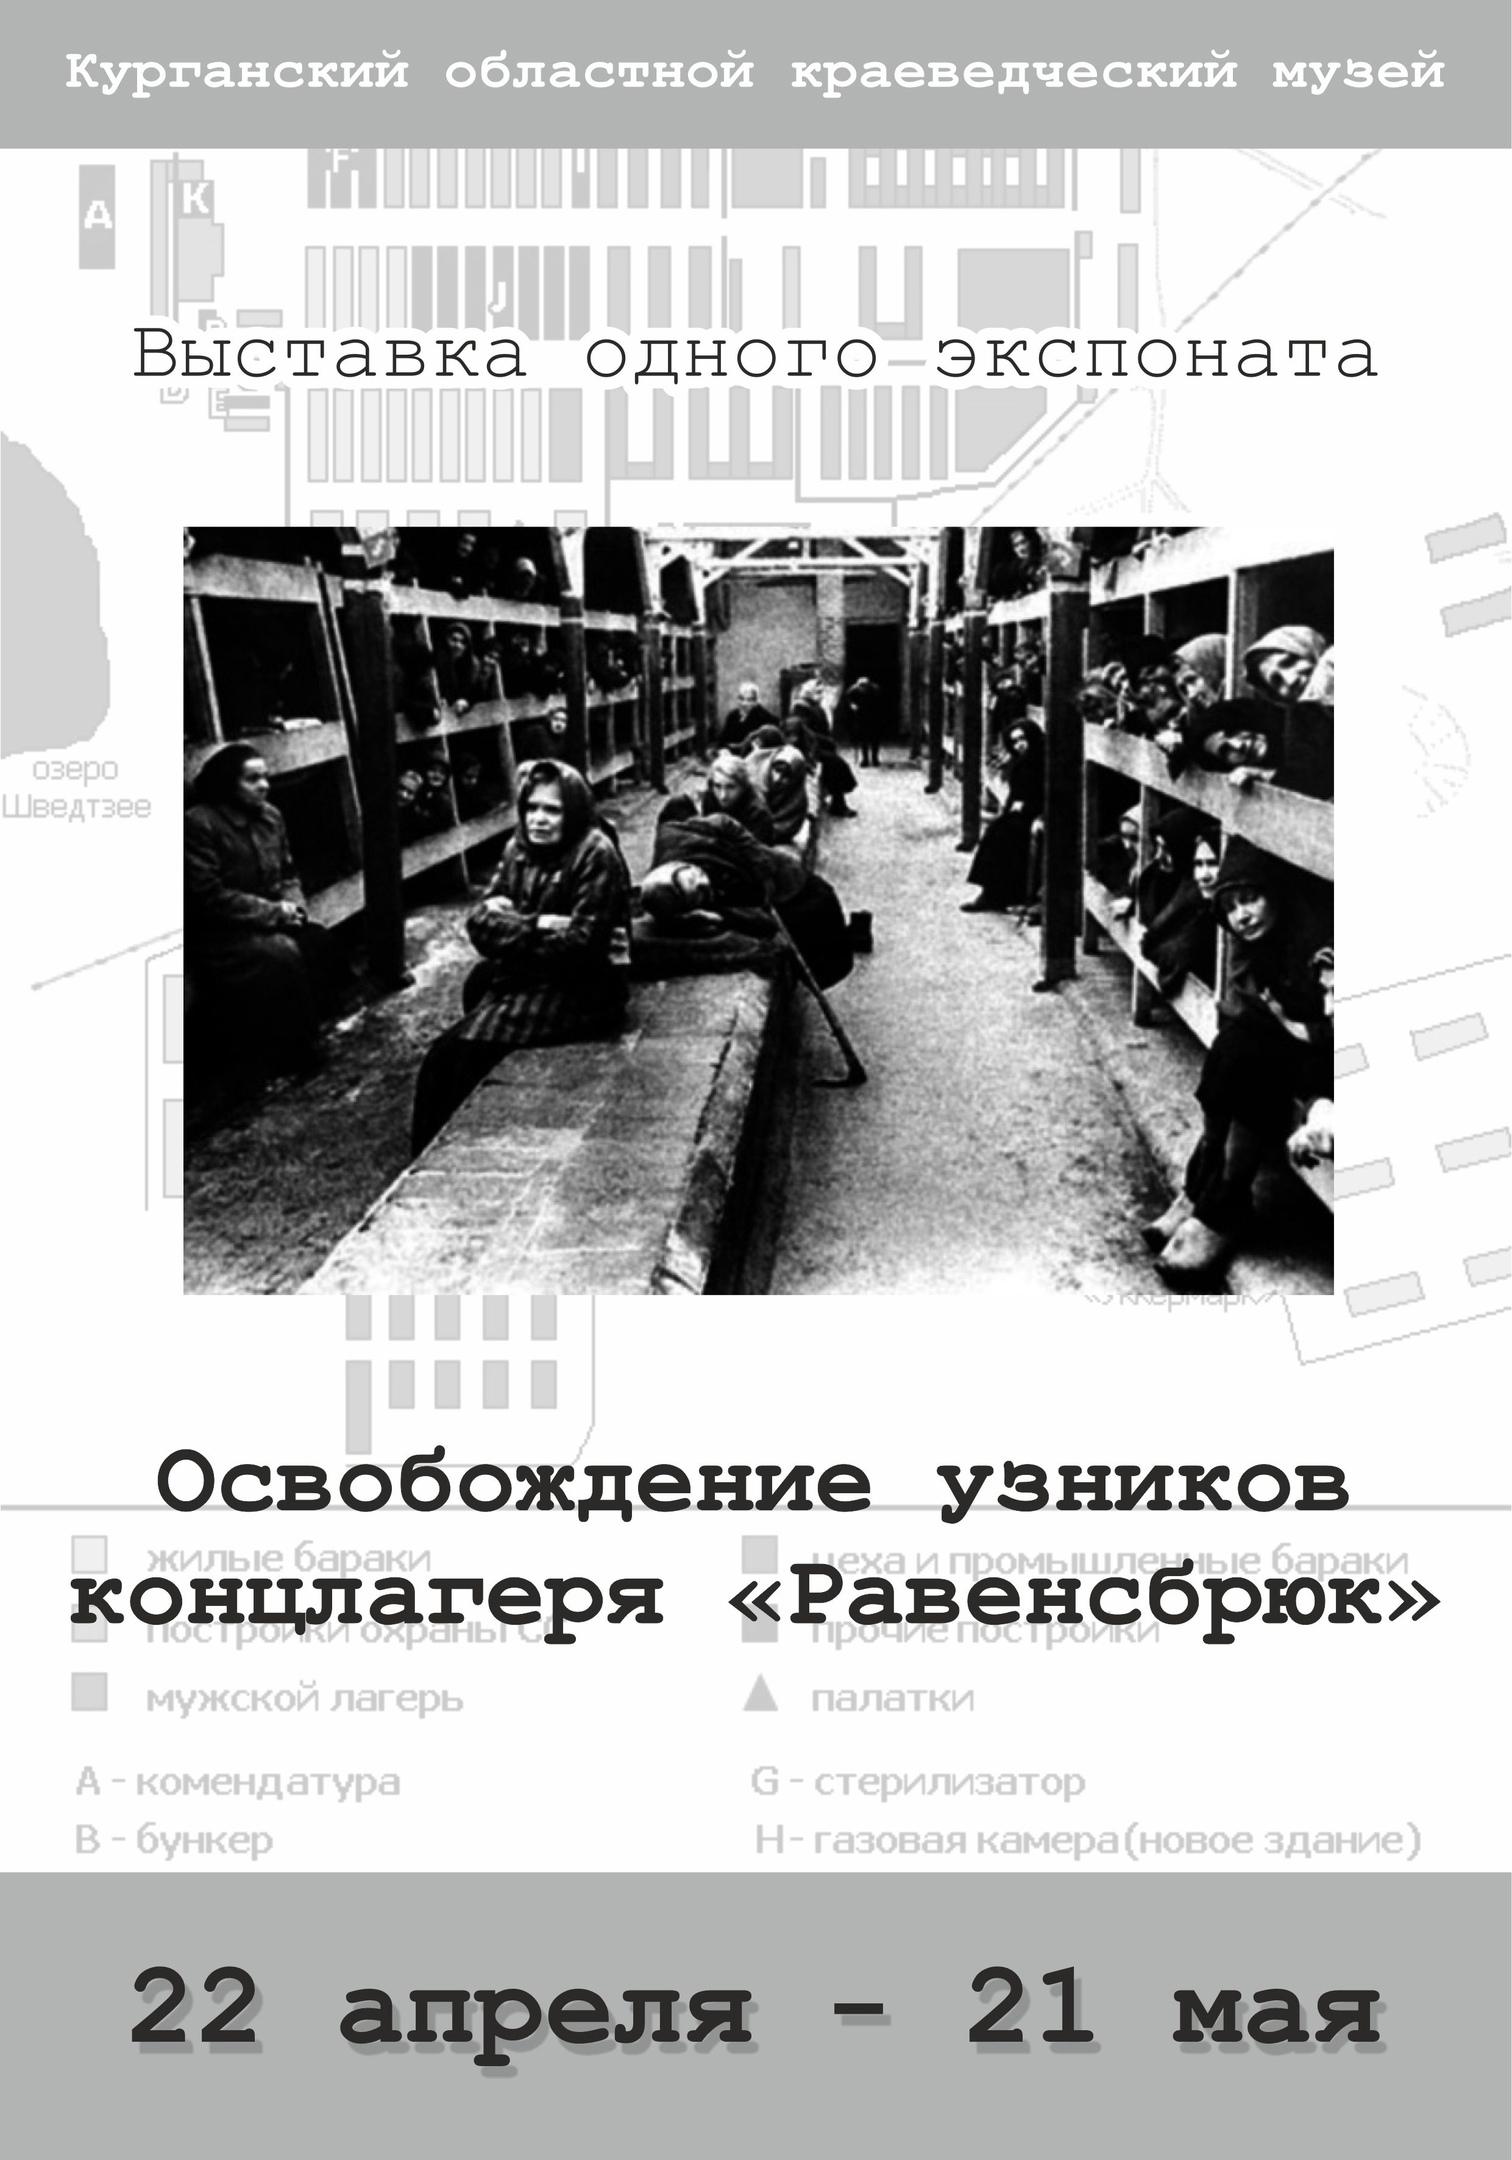 мероприятие Выставка одного экспоната «Освобождение узников концлагеря Равенсбрюк» курган афиша расписание